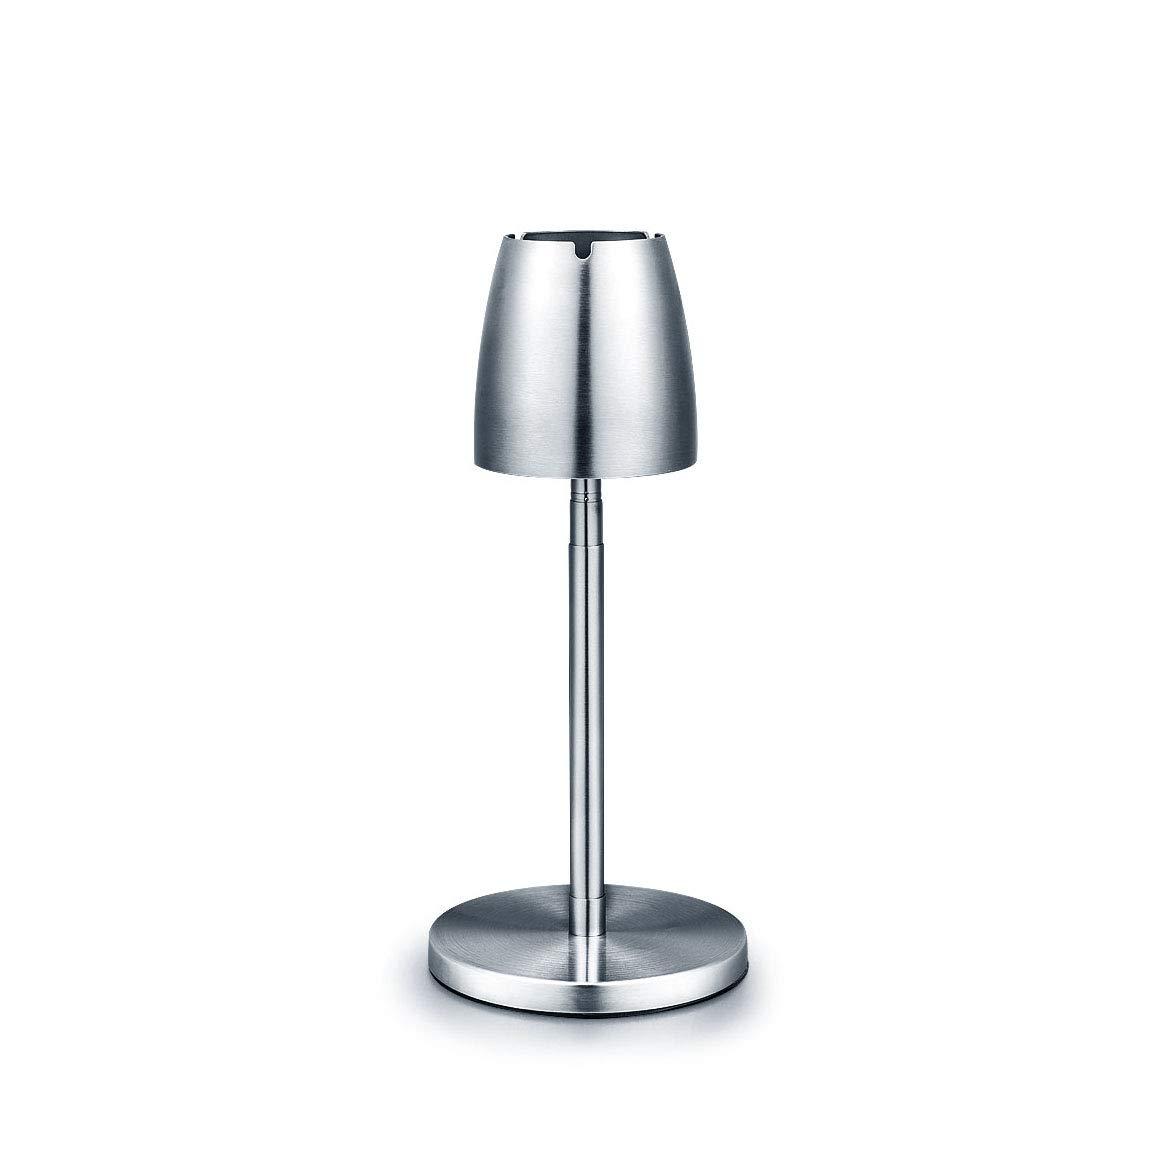 Cendrier en Acier Inoxydable Haut Étage Rétractable en Métal Smog Salon Table Basse Décoration De La Maison